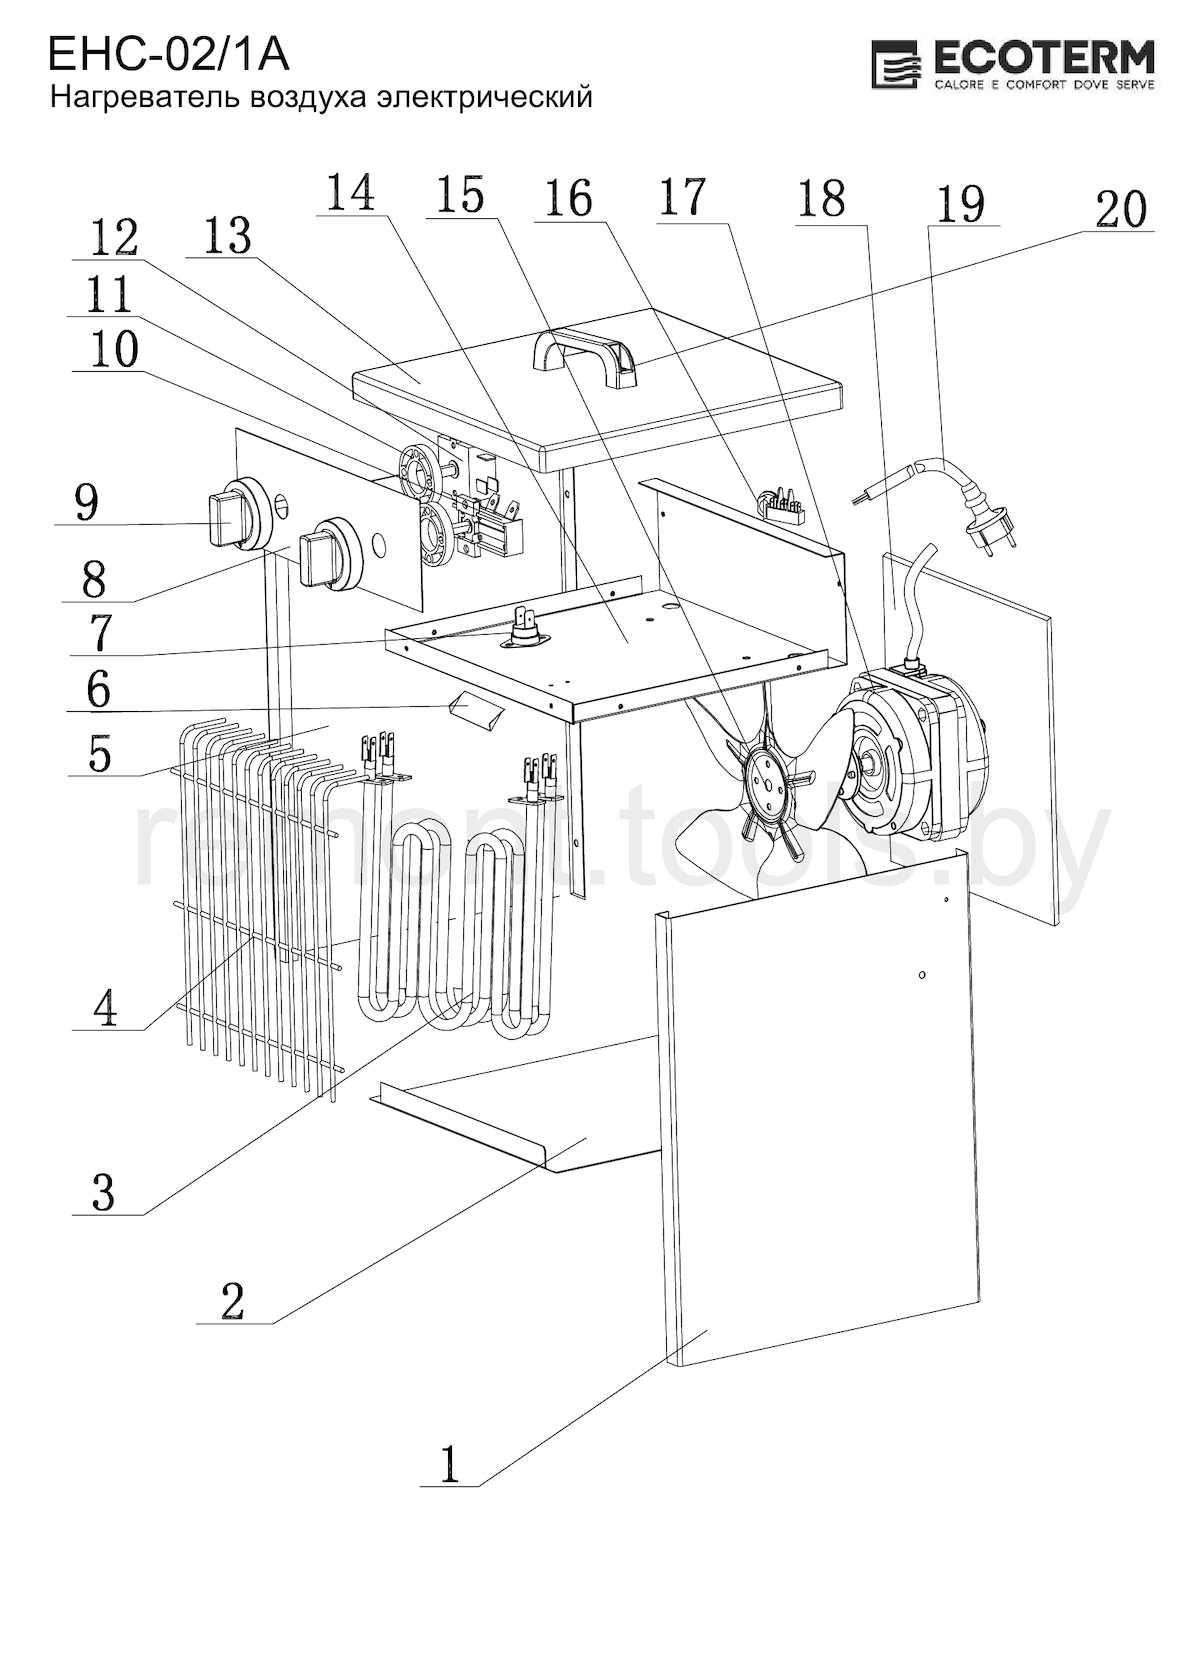 Ecoterm Нагреватель электрический Ehc 02 1a